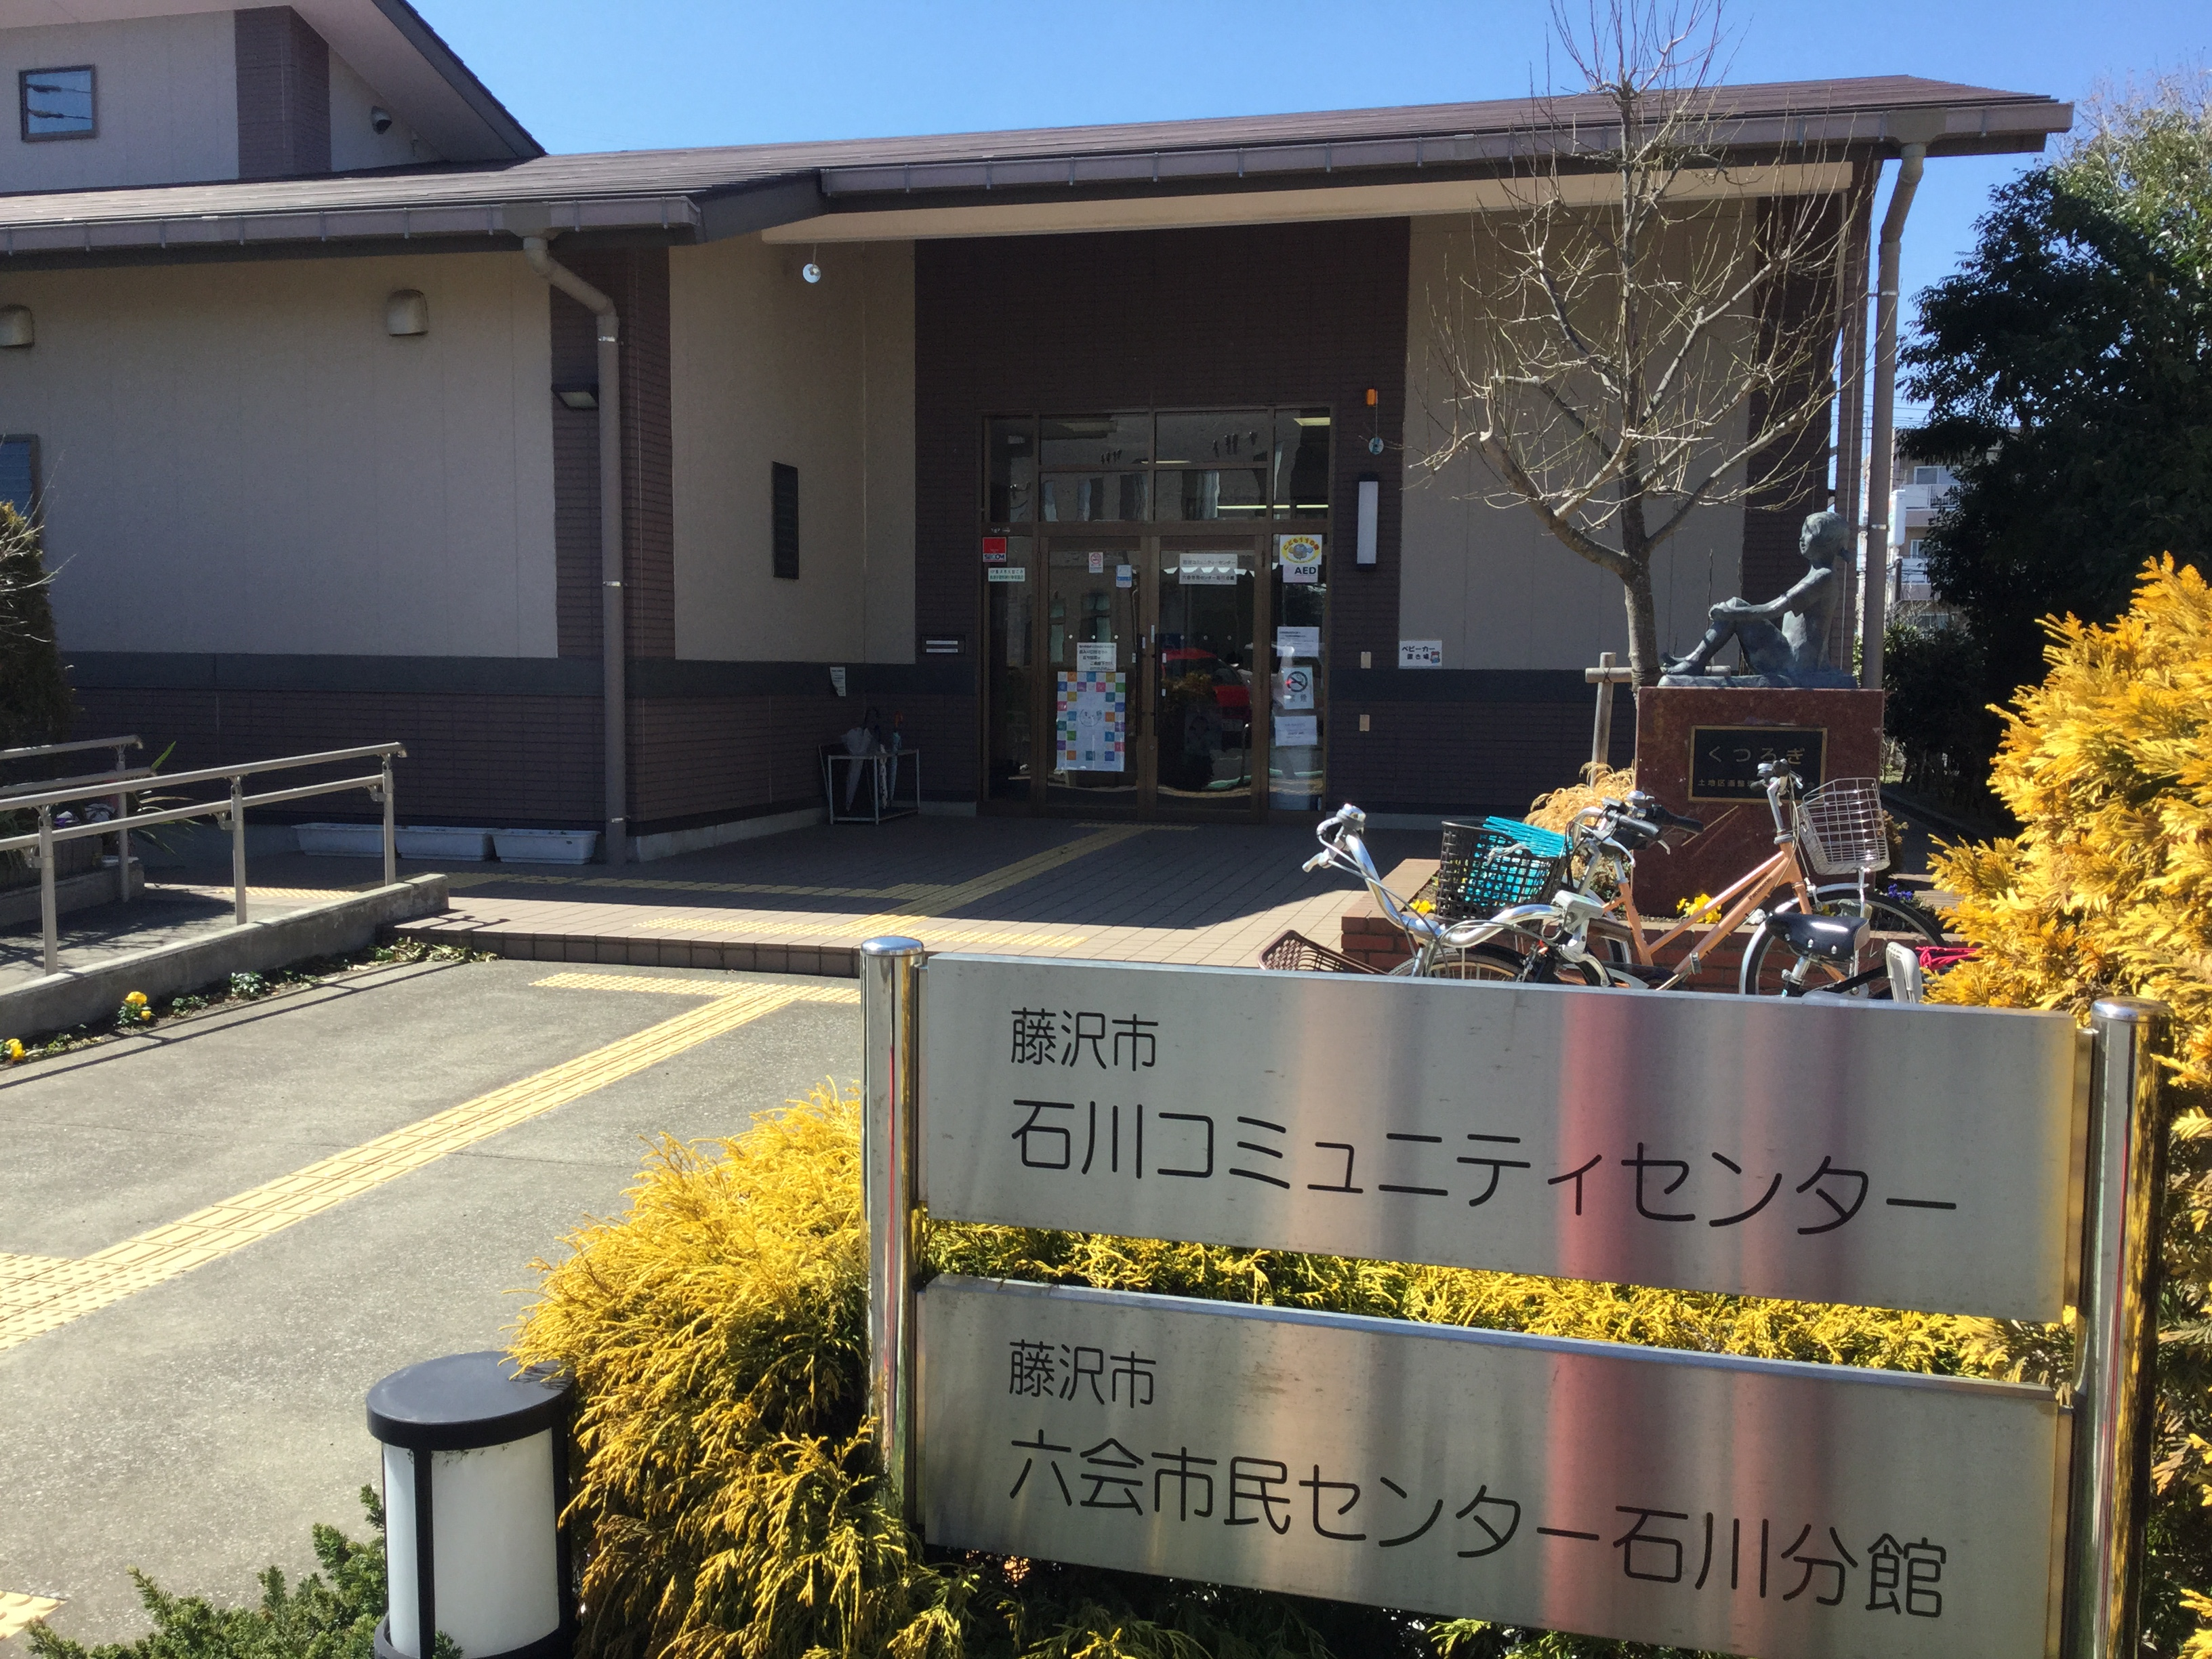 辻堂 藤沢 郵便 番号 市